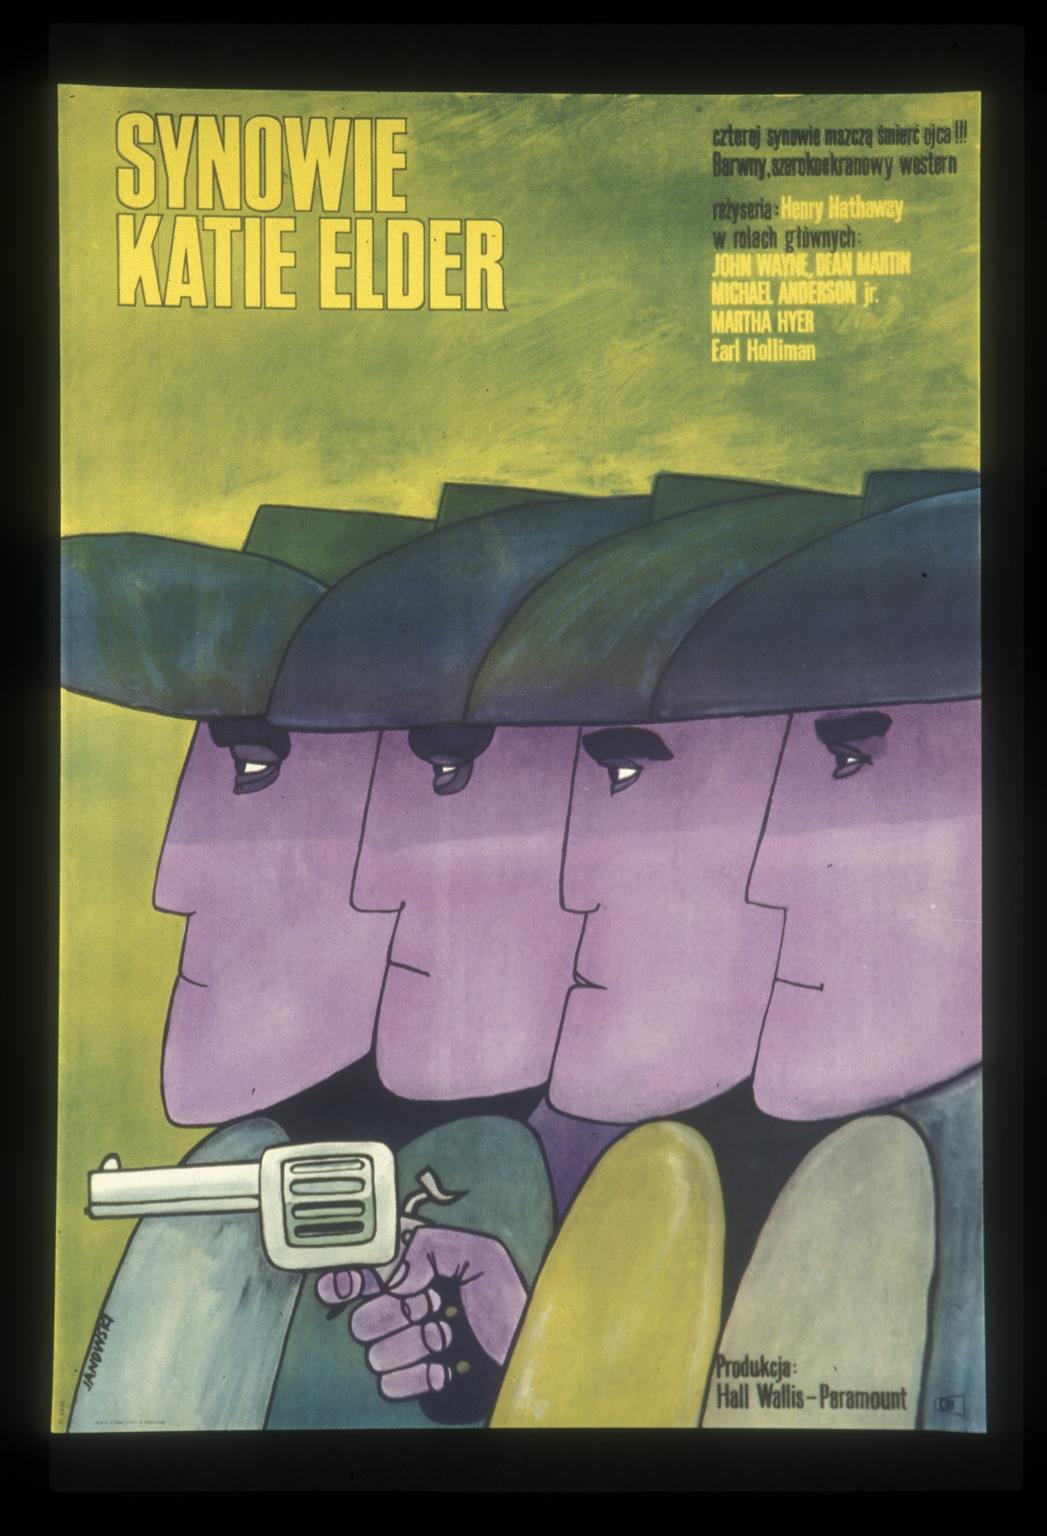 Synowie Katie Elder: czterej synowie mszcza smiercojca : barwny szerokoekranowy western